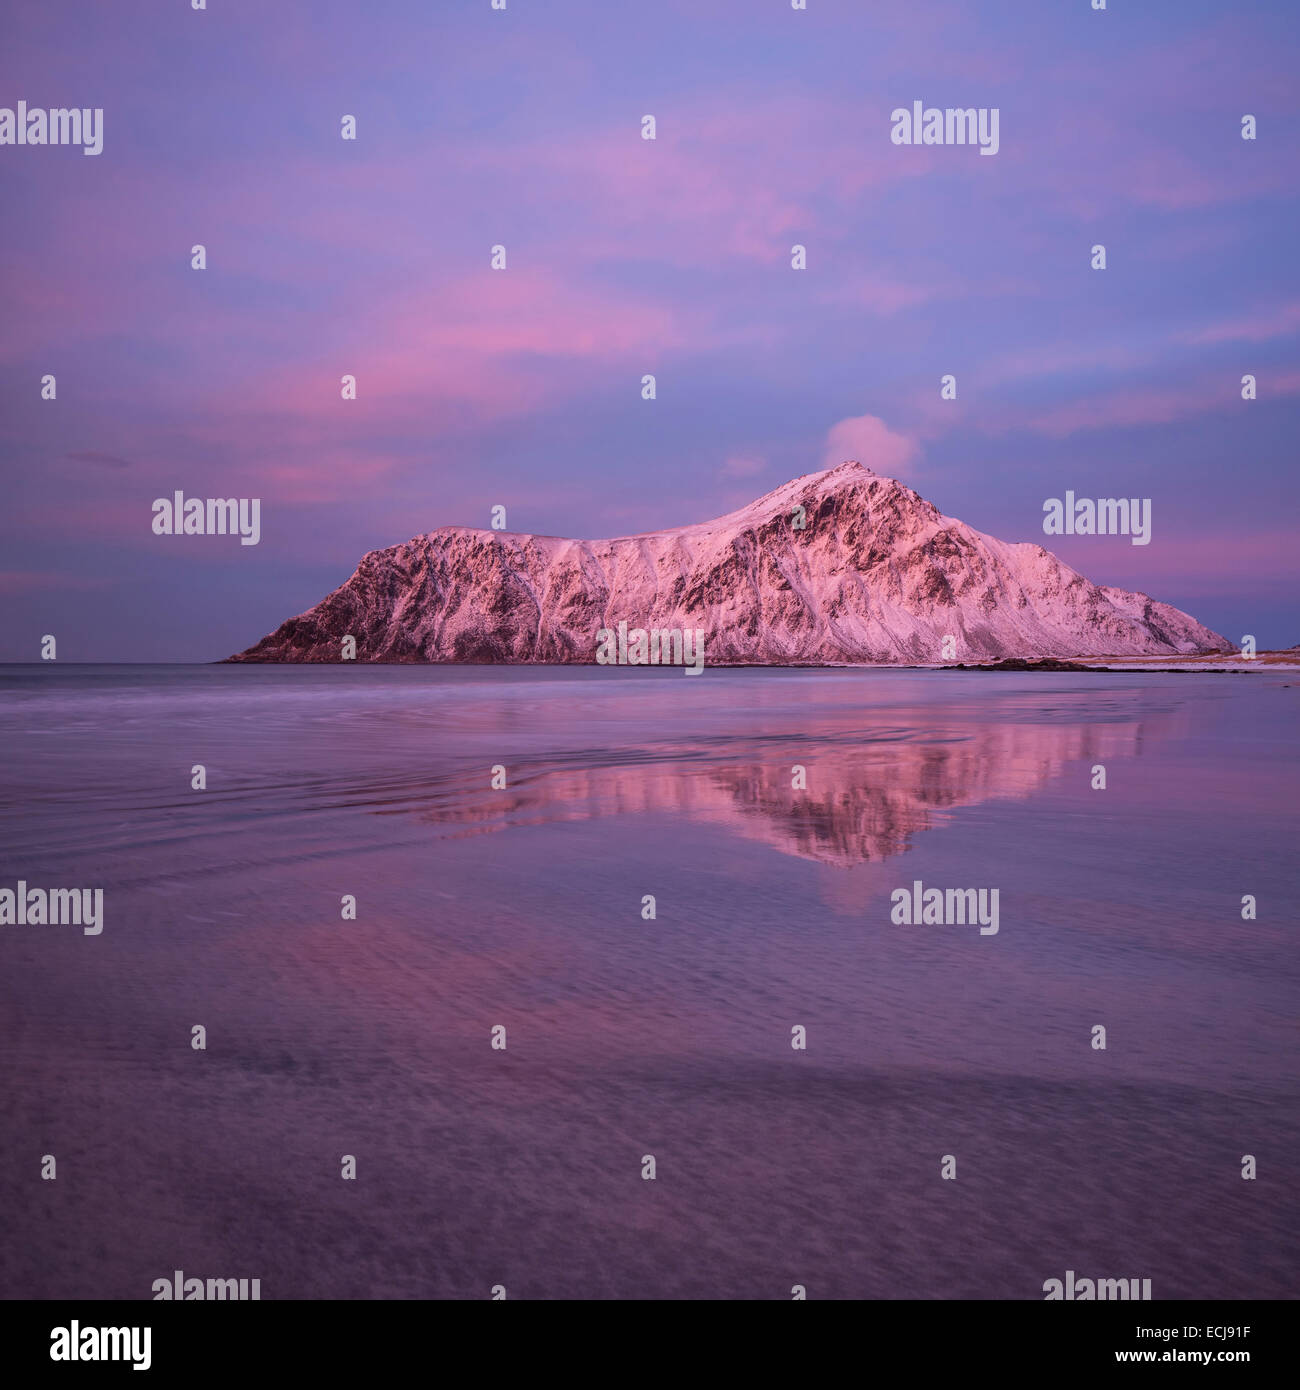 Hustind Berggipfel leuchtet rosa über Skagsanden Strand, Flakstad, Flakstadøy, Lofoten Inseln, Norwegen Stockbild